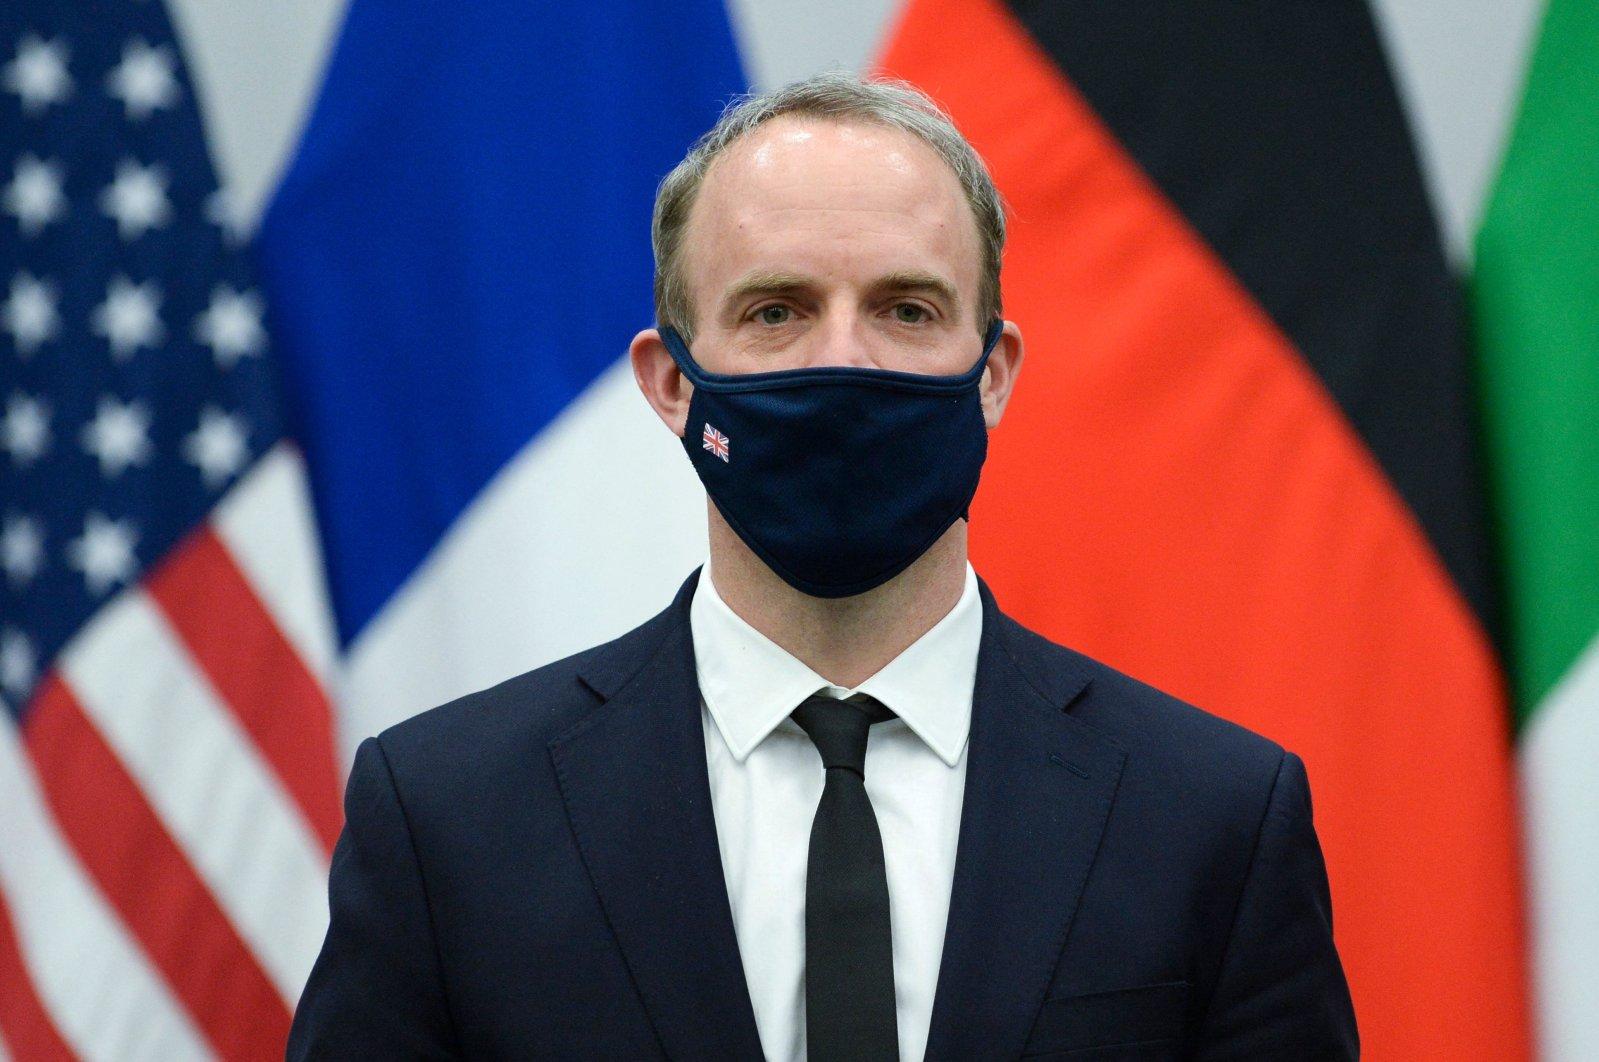 EU to discuss Russian link to 2014 blast as UK backs Czech Republic